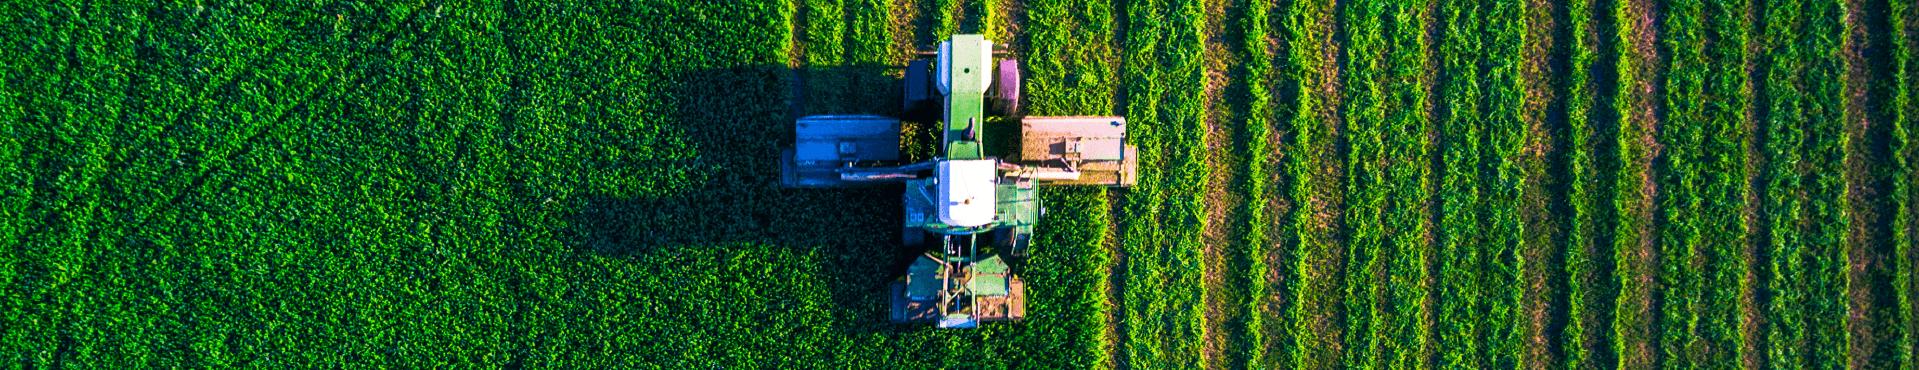 Biologische maand landbouw